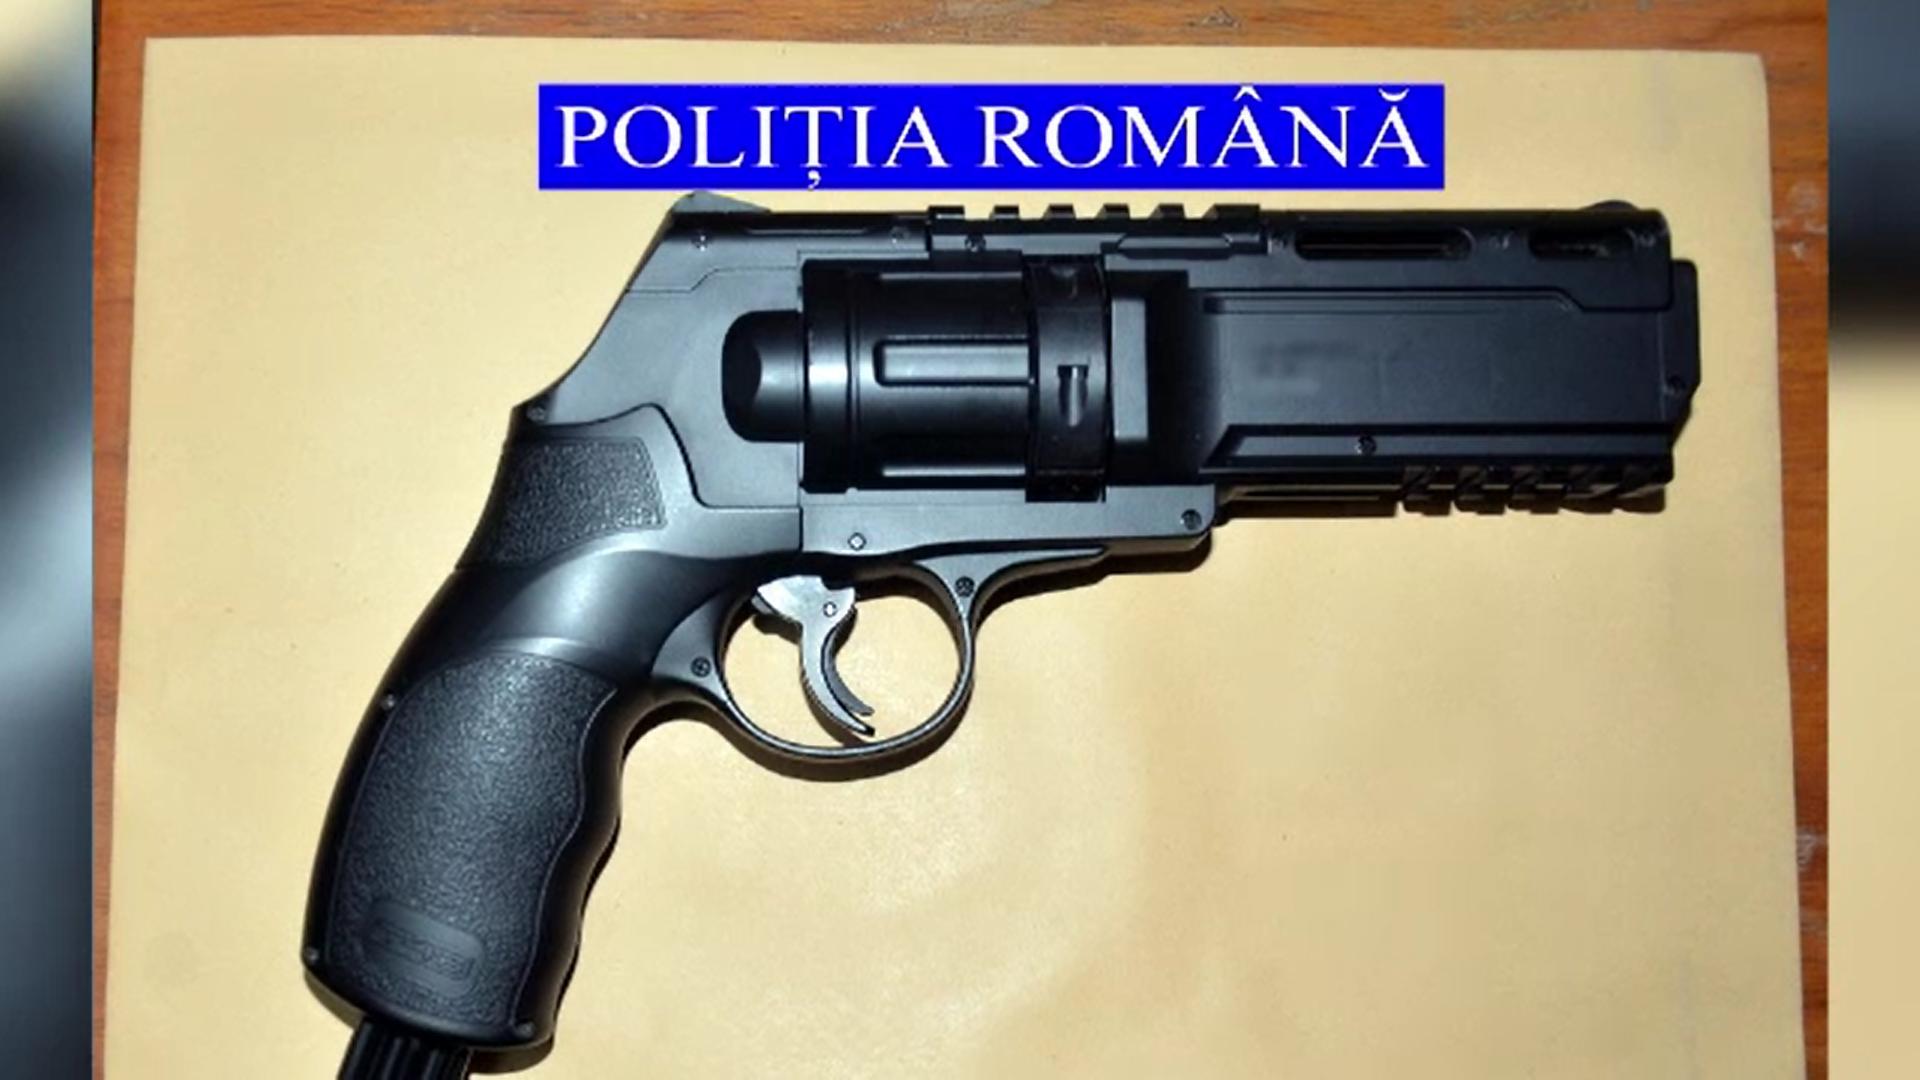 Polițiștii au trimis la expertiză arma folosită de bărbatul care a încercat să jefuiască un magazin din Galați